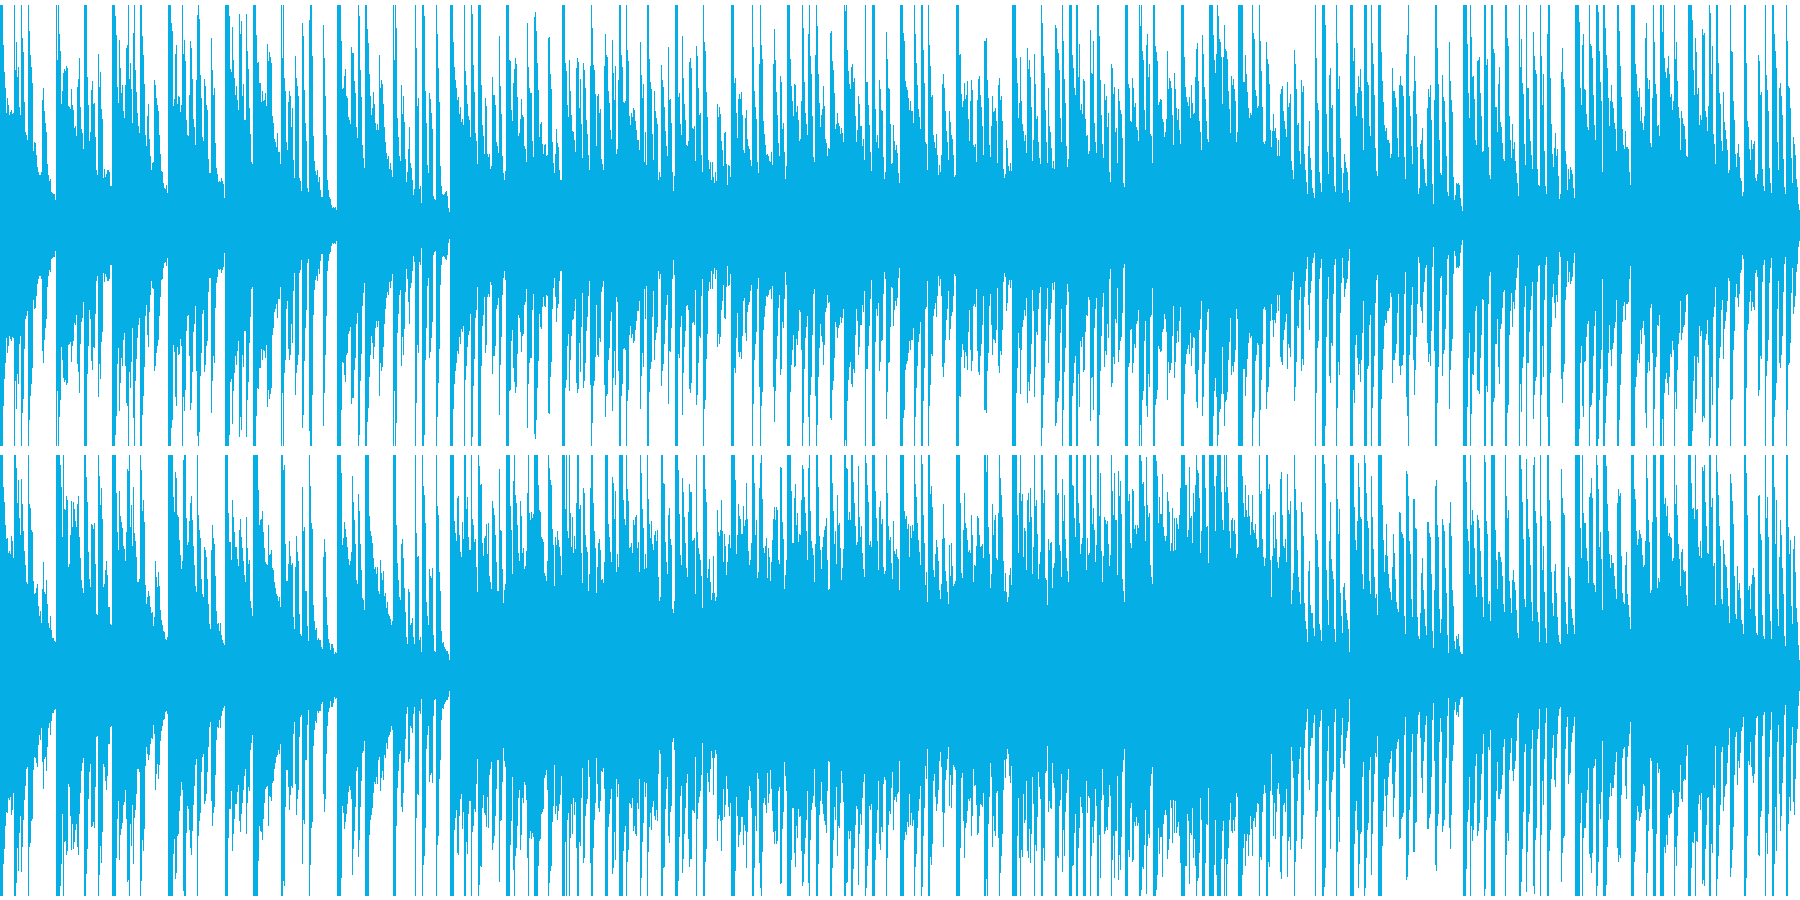 クリスマスのBGM(ループ)の再生済みの波形